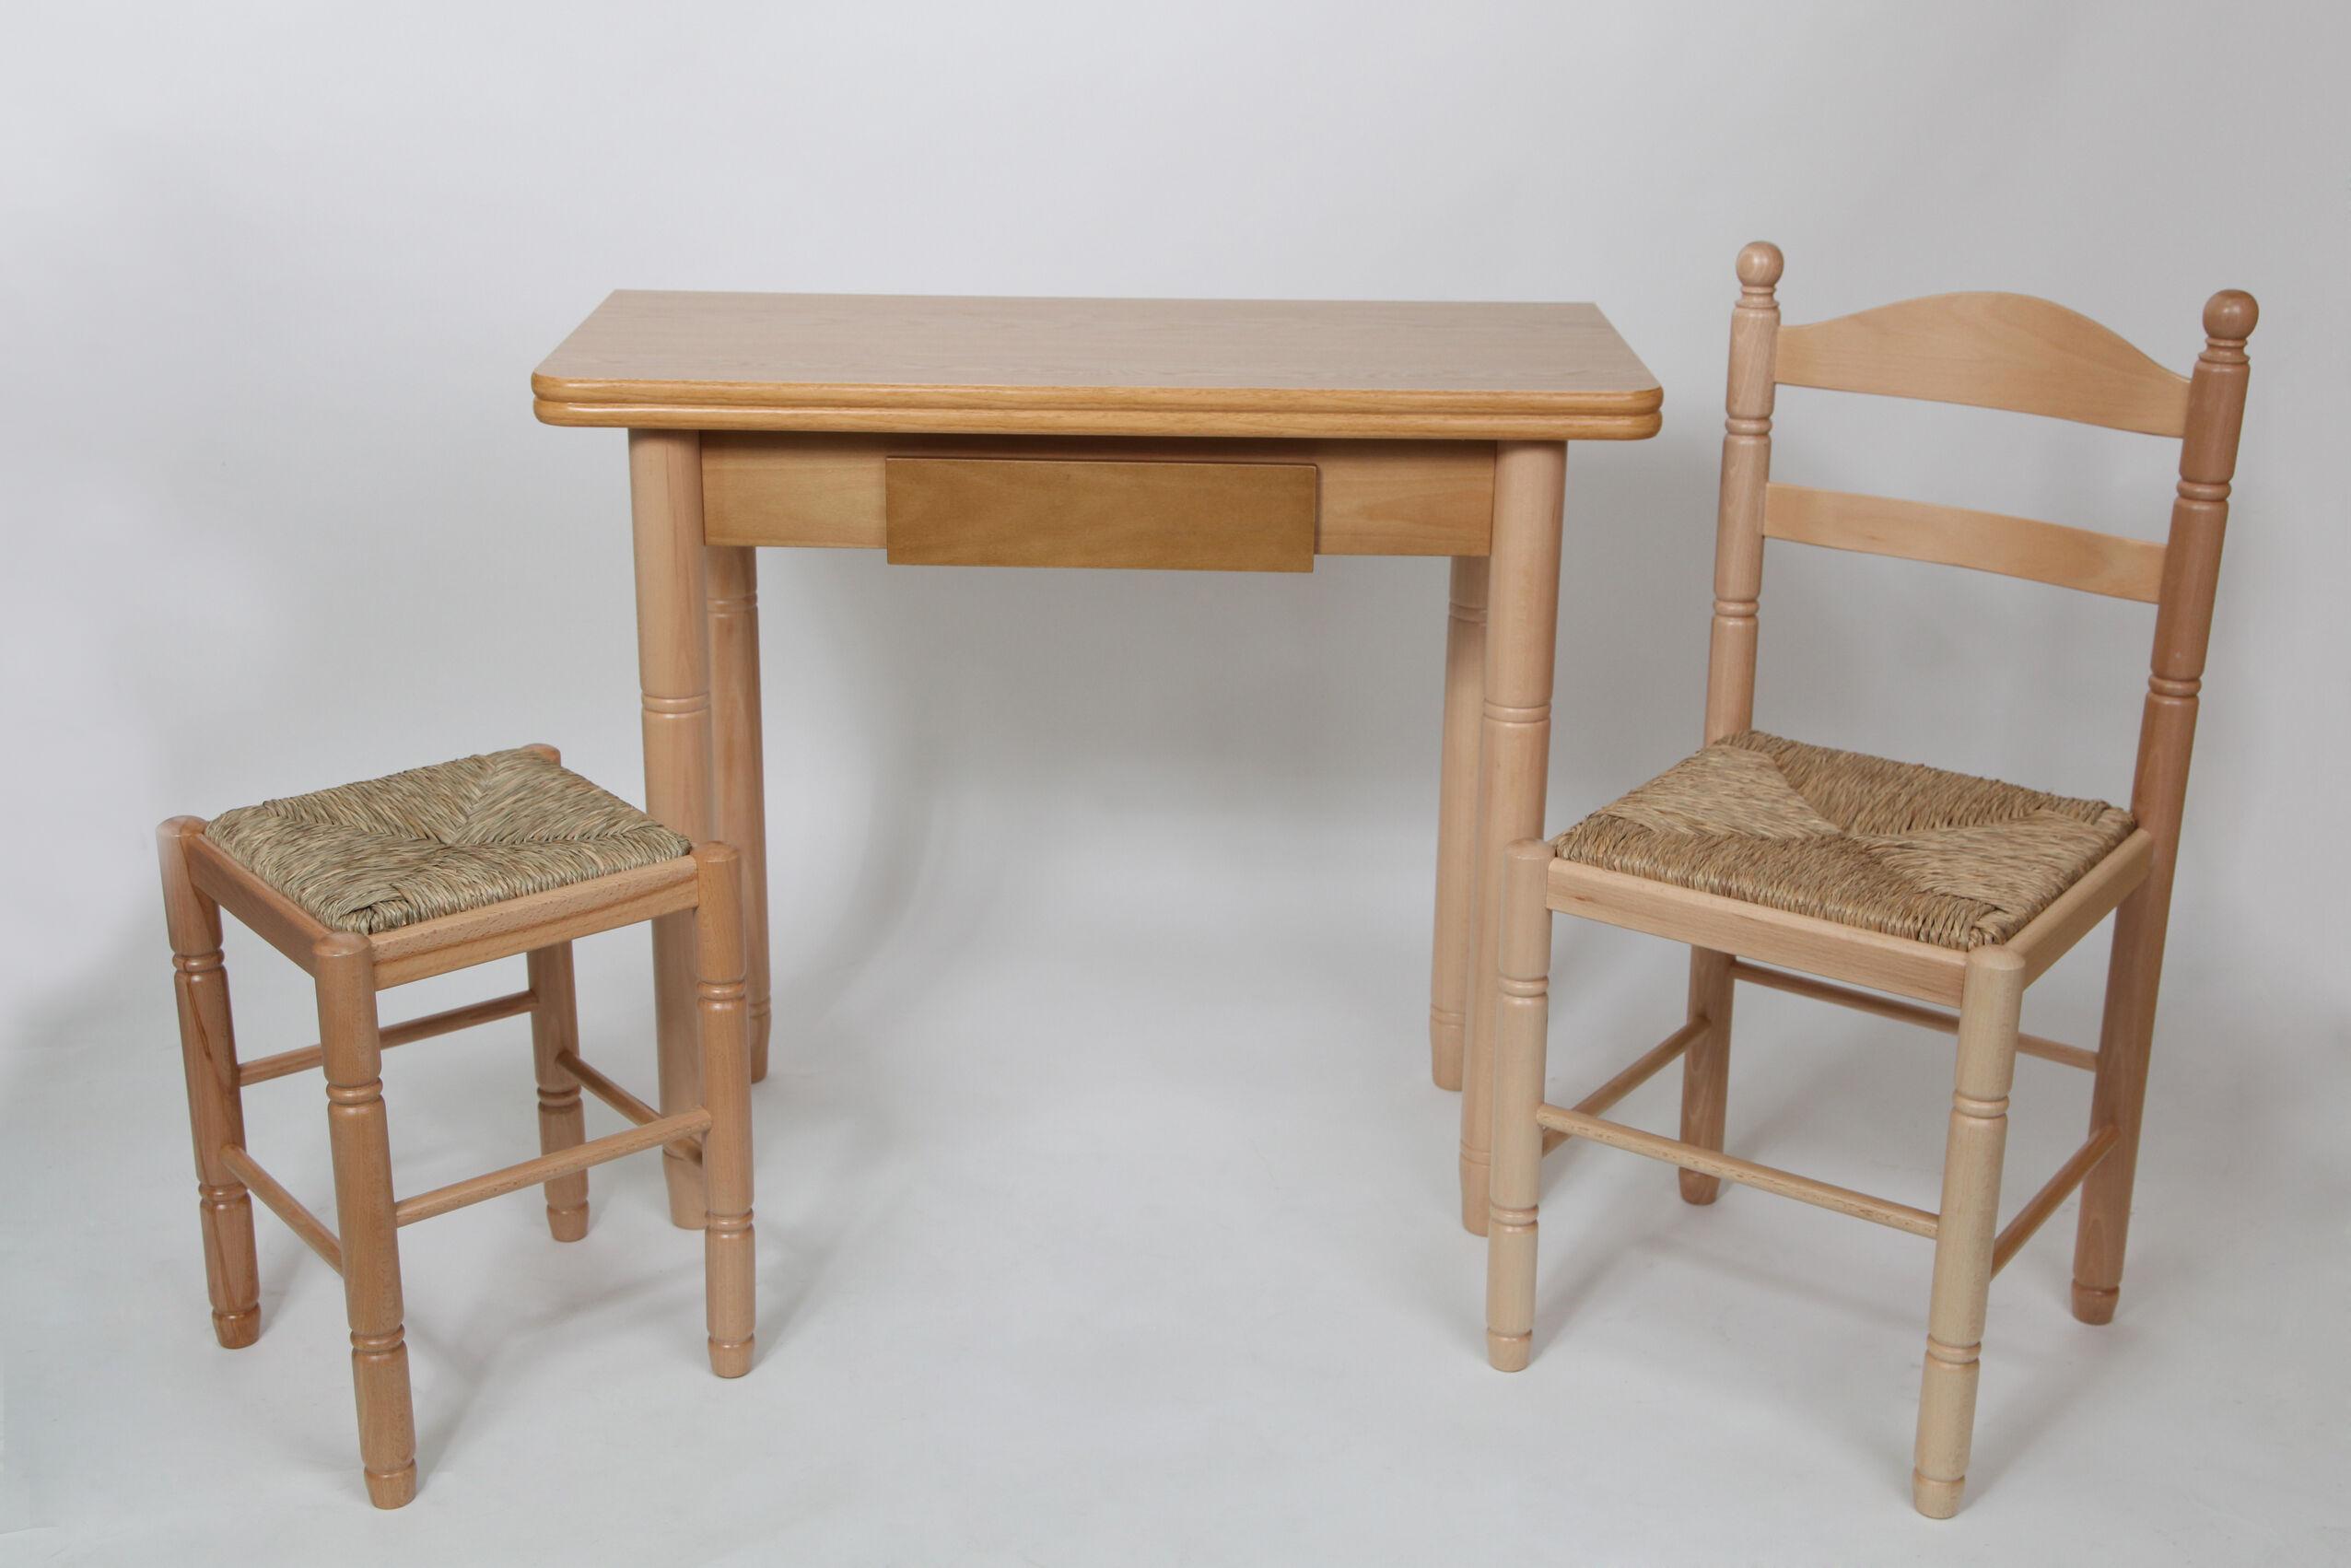 Conjunto toledo muebles adama tienda de muebles en madrid for Muebles adama